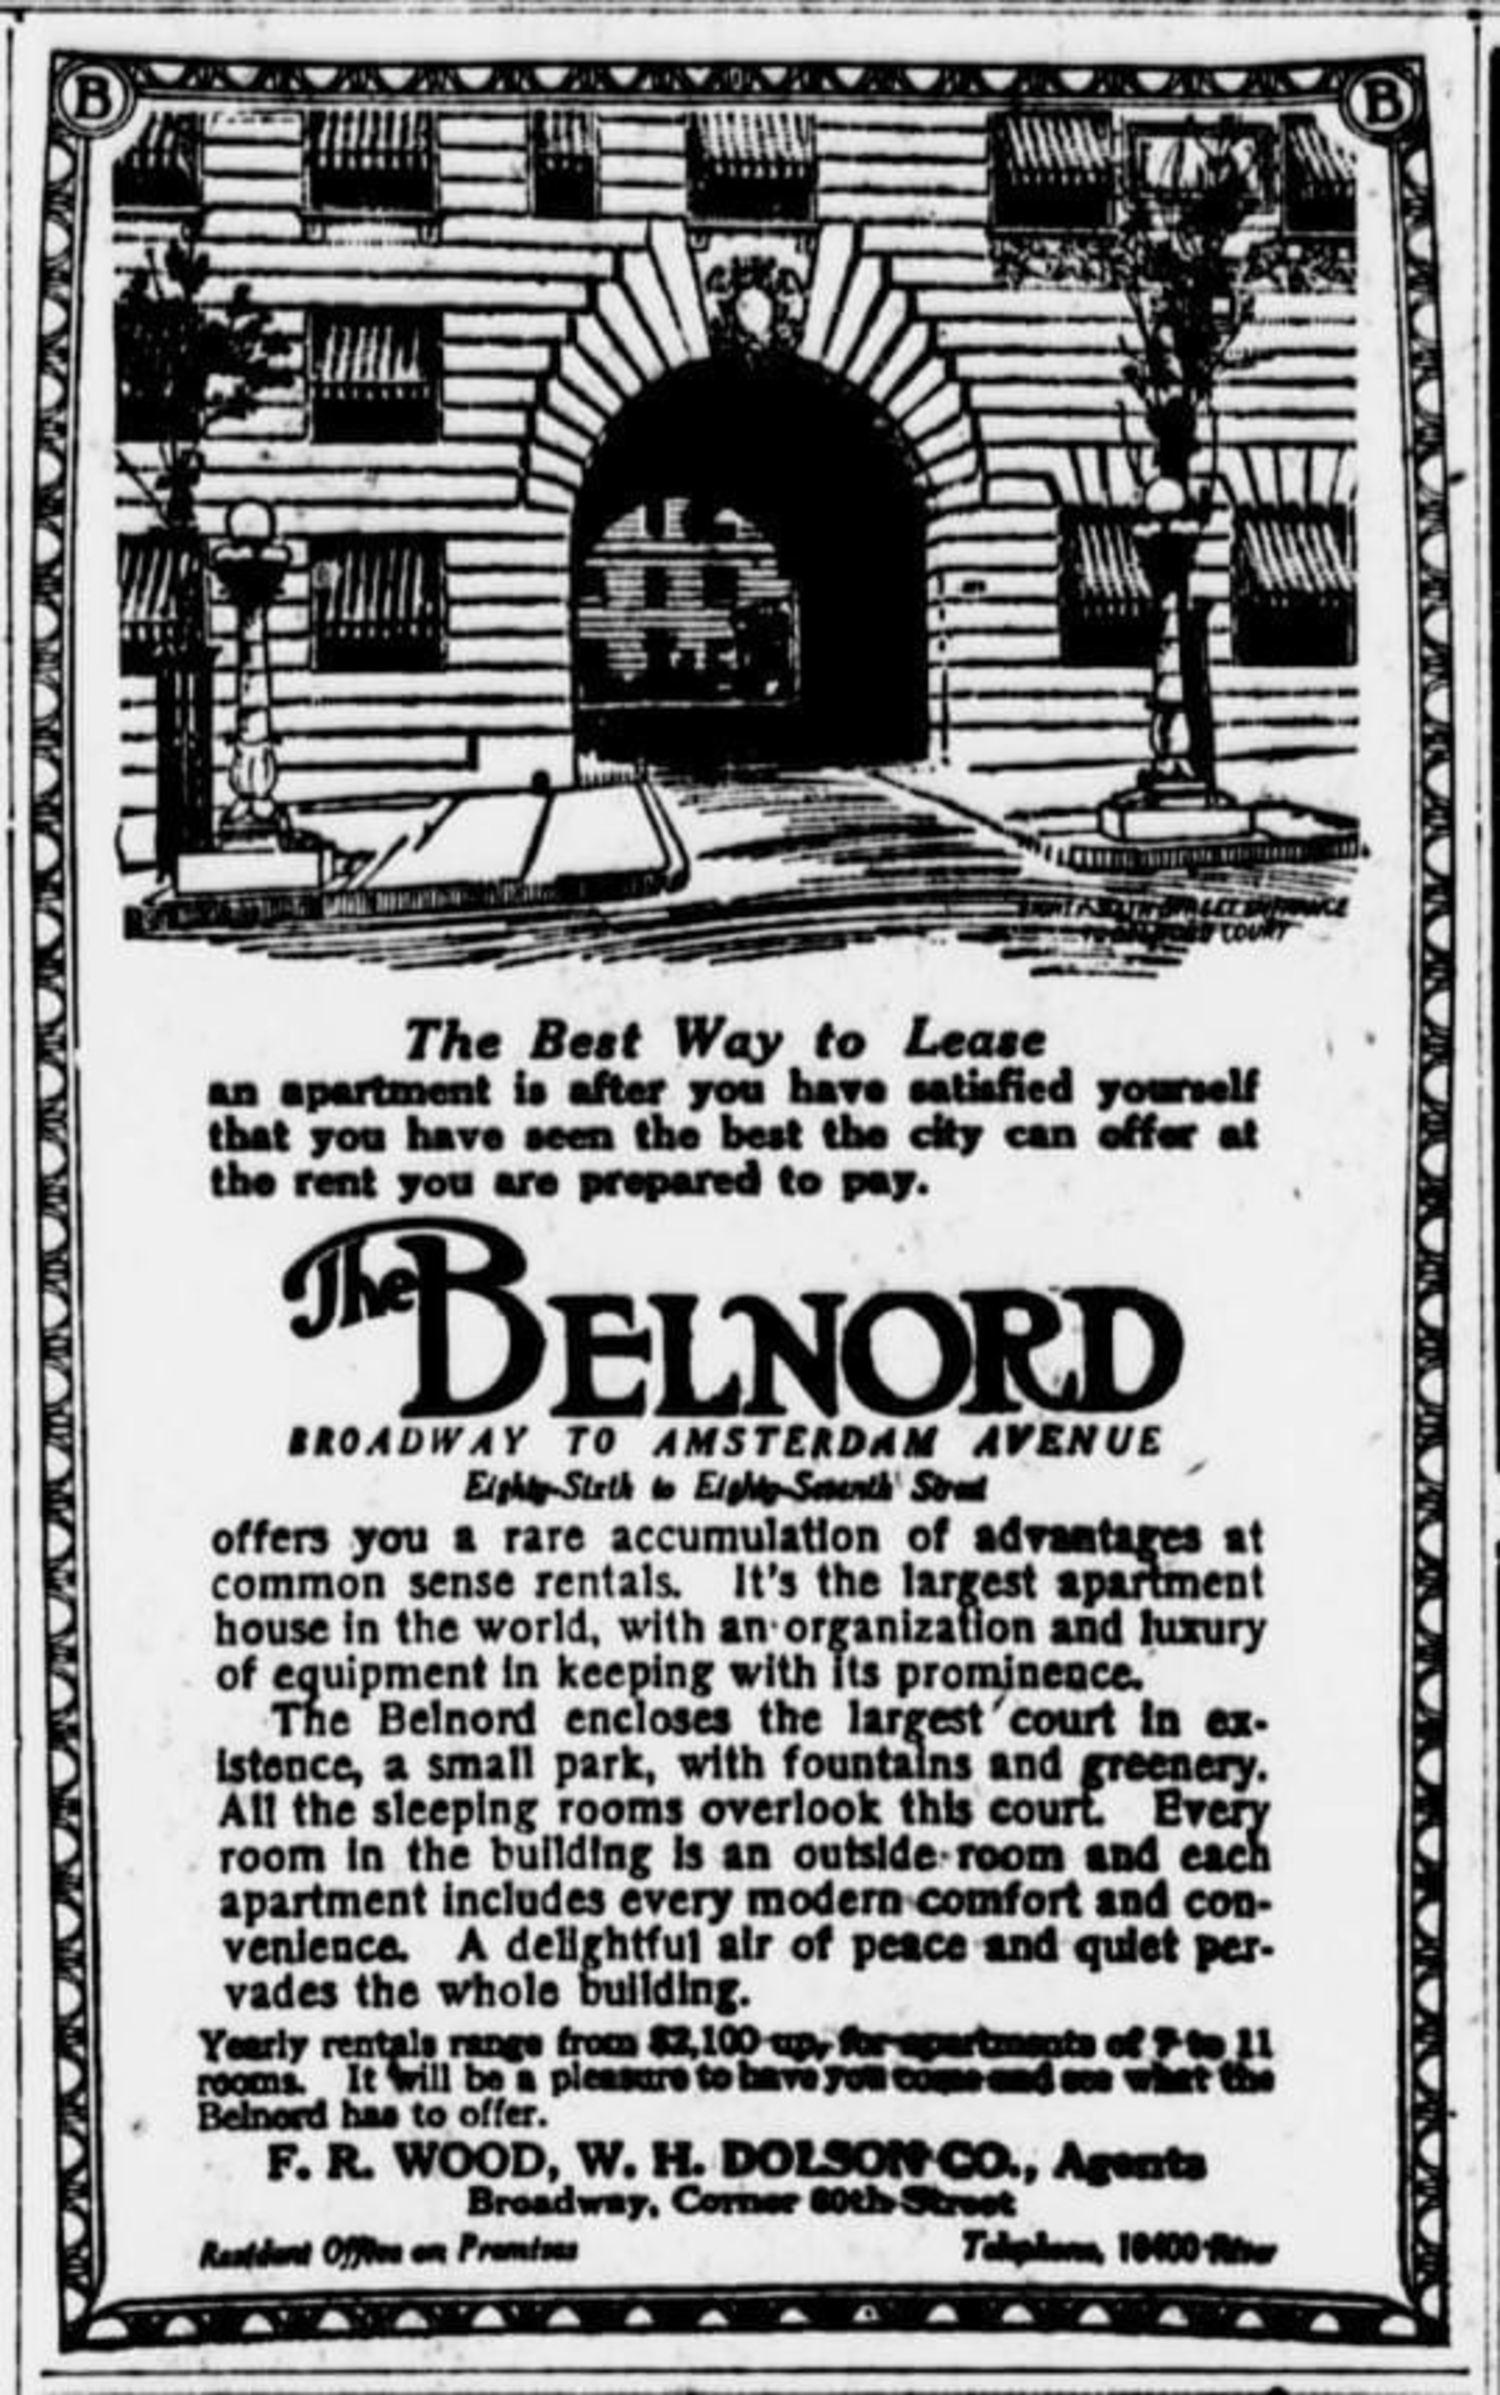 1912 - The Sun - New York, NY